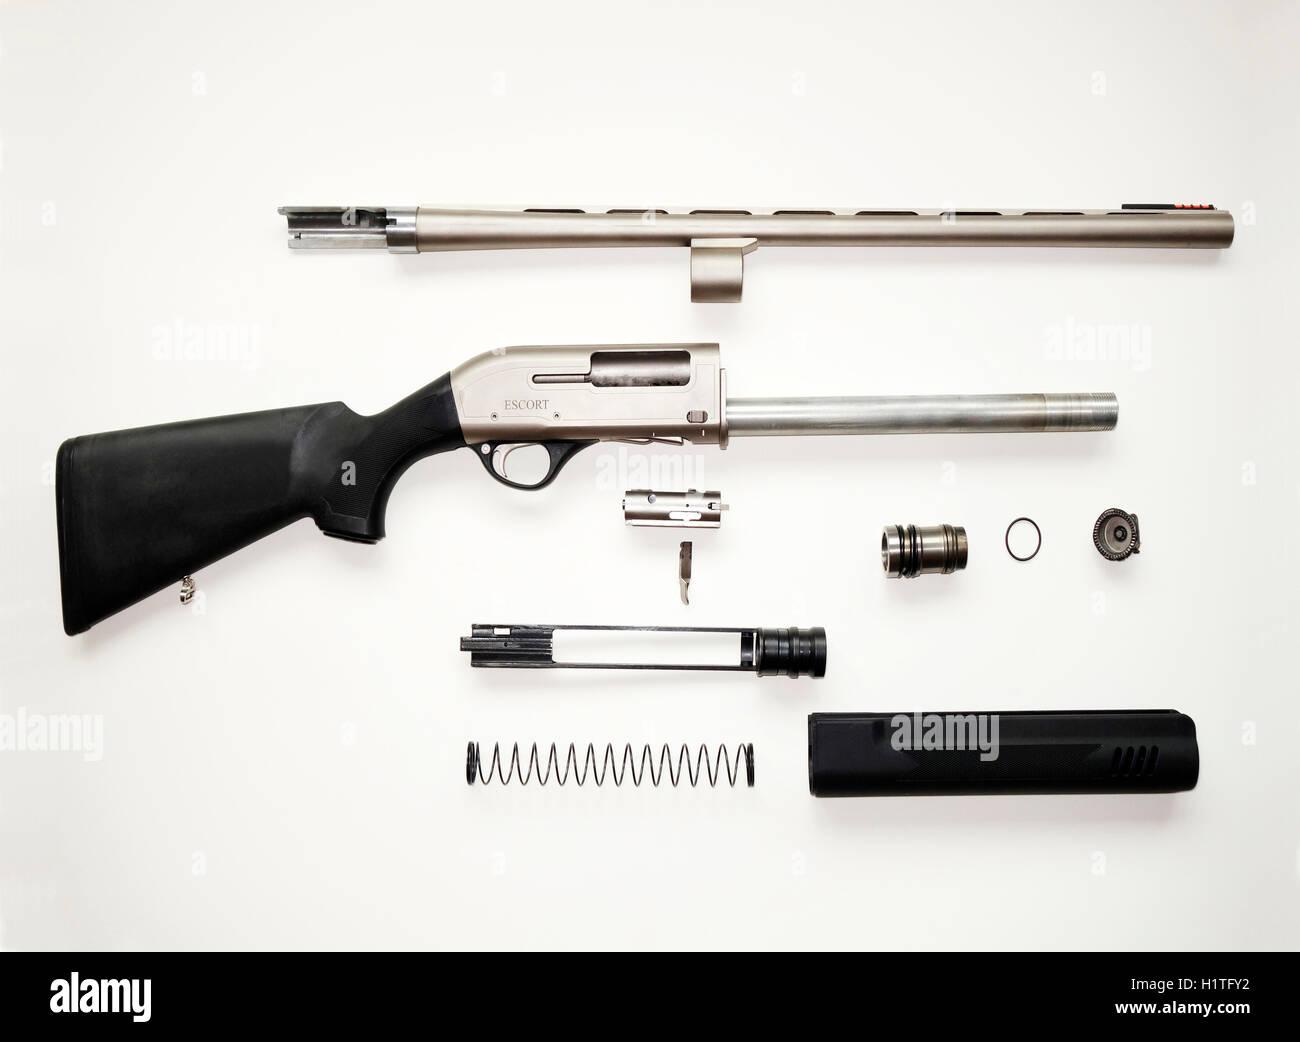 Disassembled semiautomatic shotgun. - Stock Image